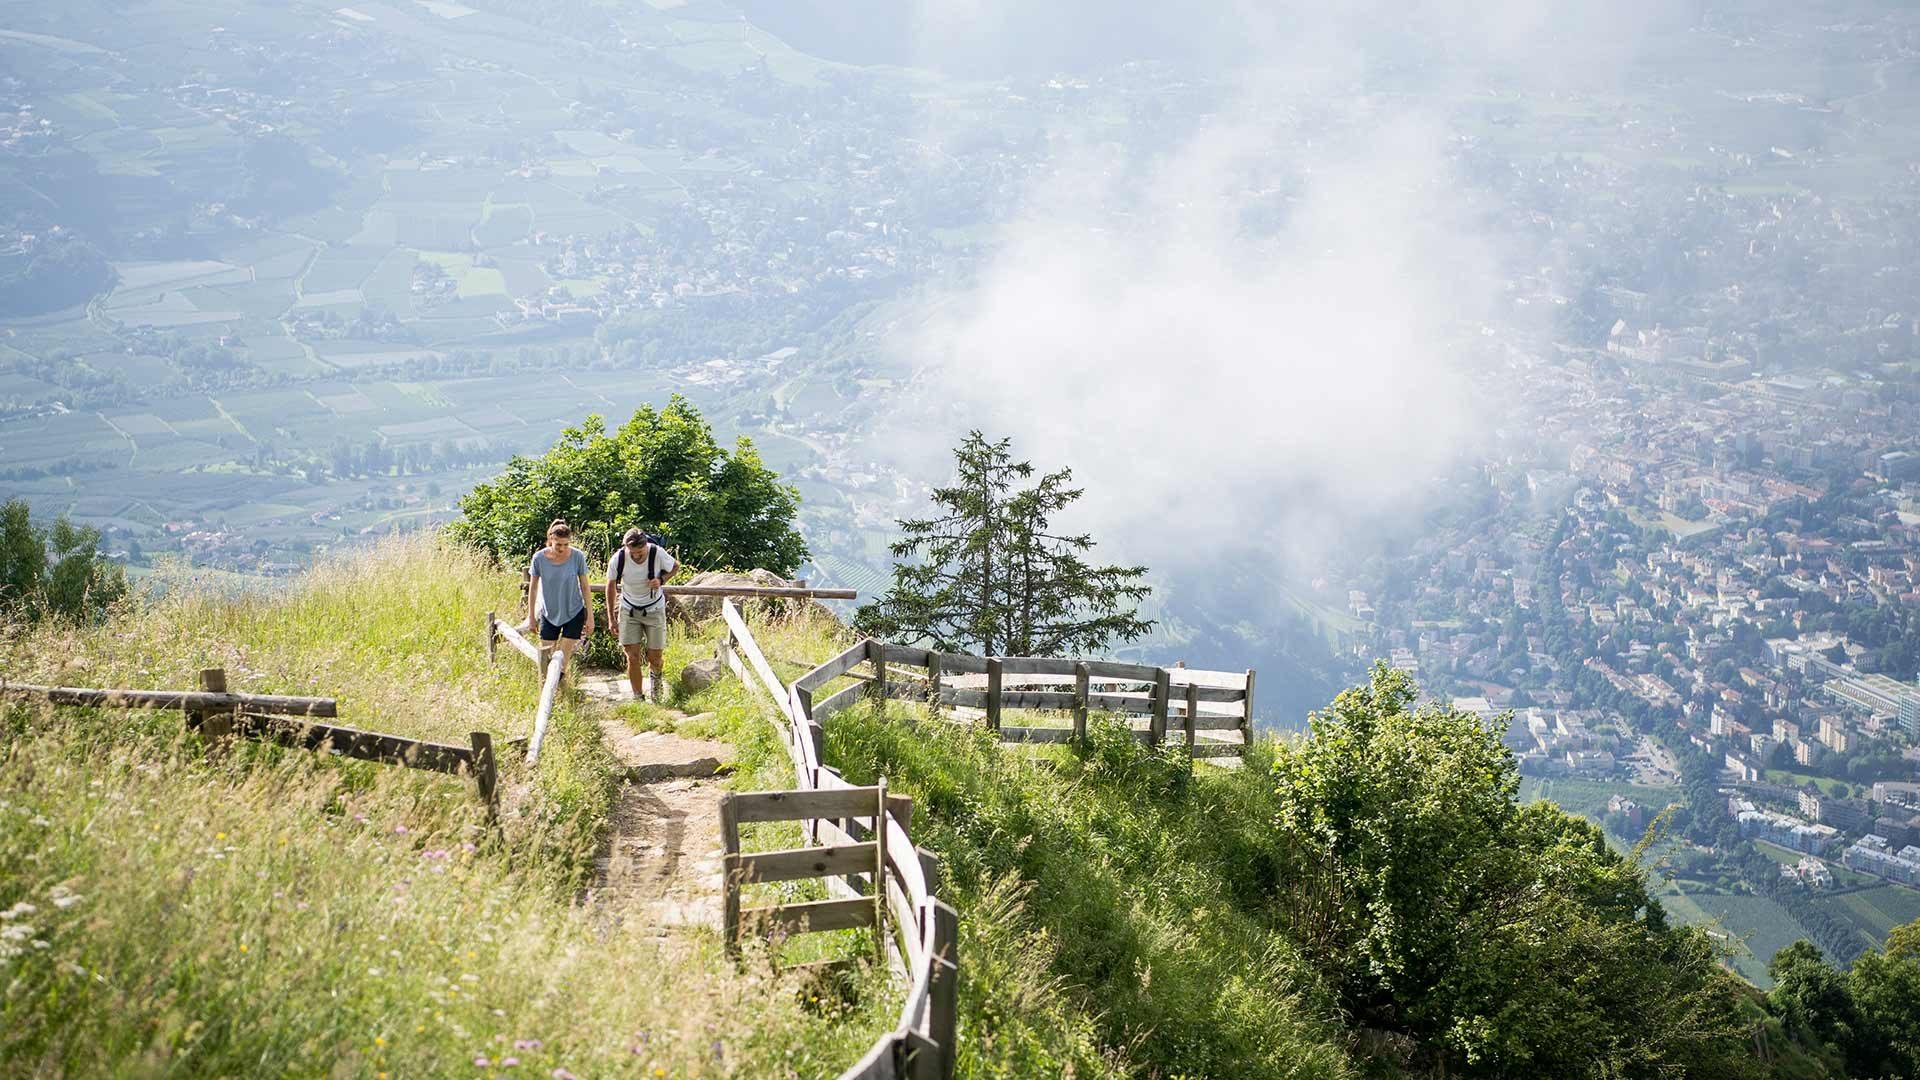 Escursione - Alta Via di Merano